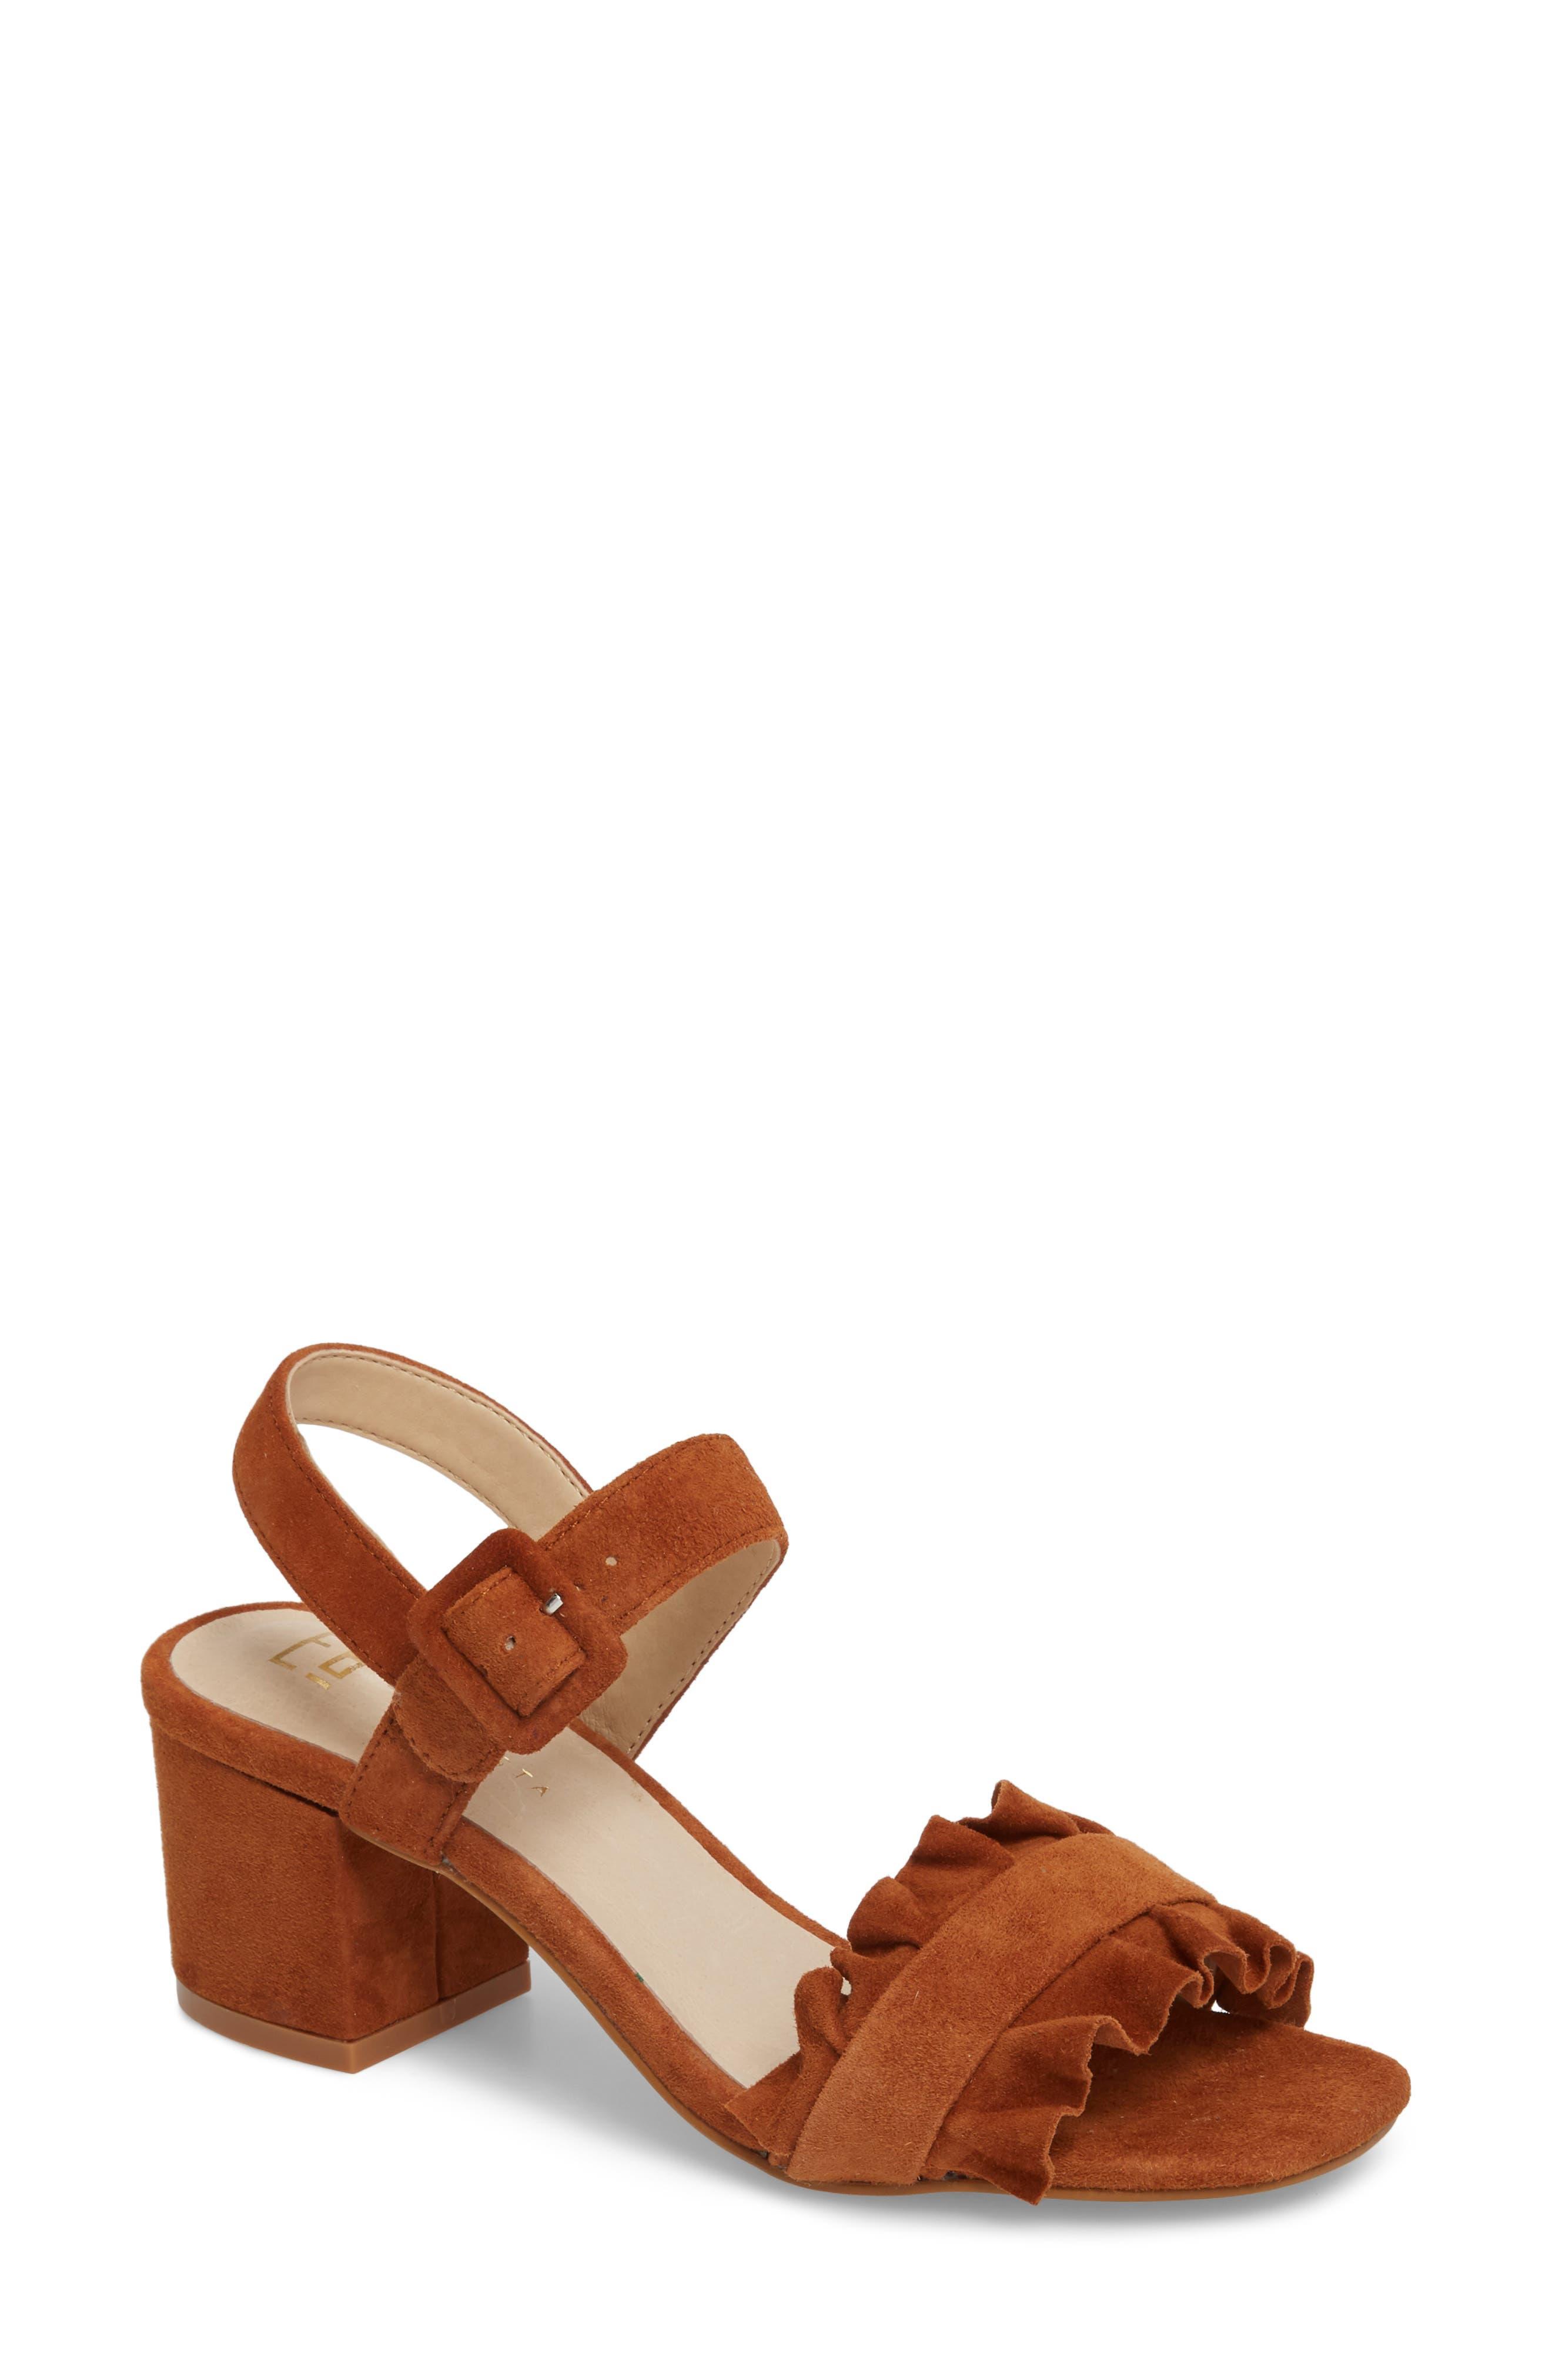 Sandie Block Heel Sandal,                         Main,                         color, Tan Suede